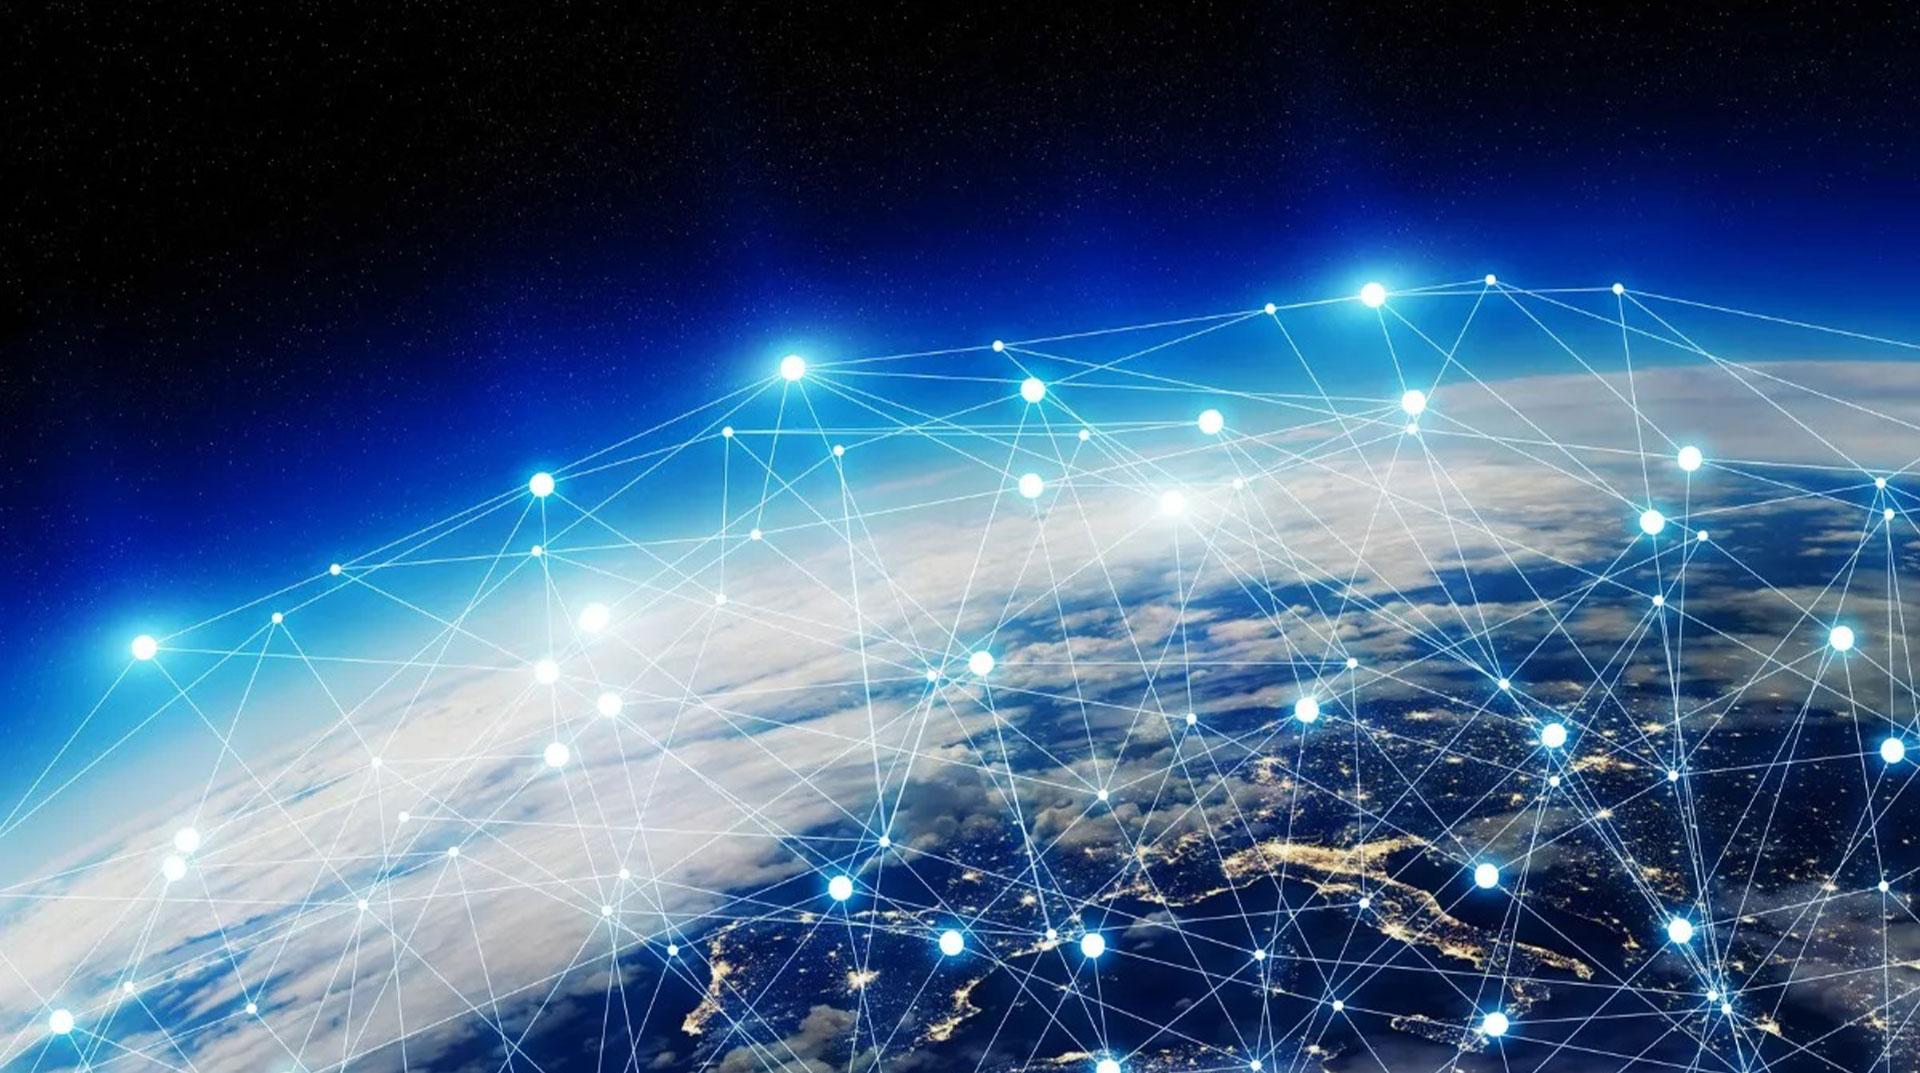 Yeni iletişim uydusu, saniyede 10 GB veri transfer edecek